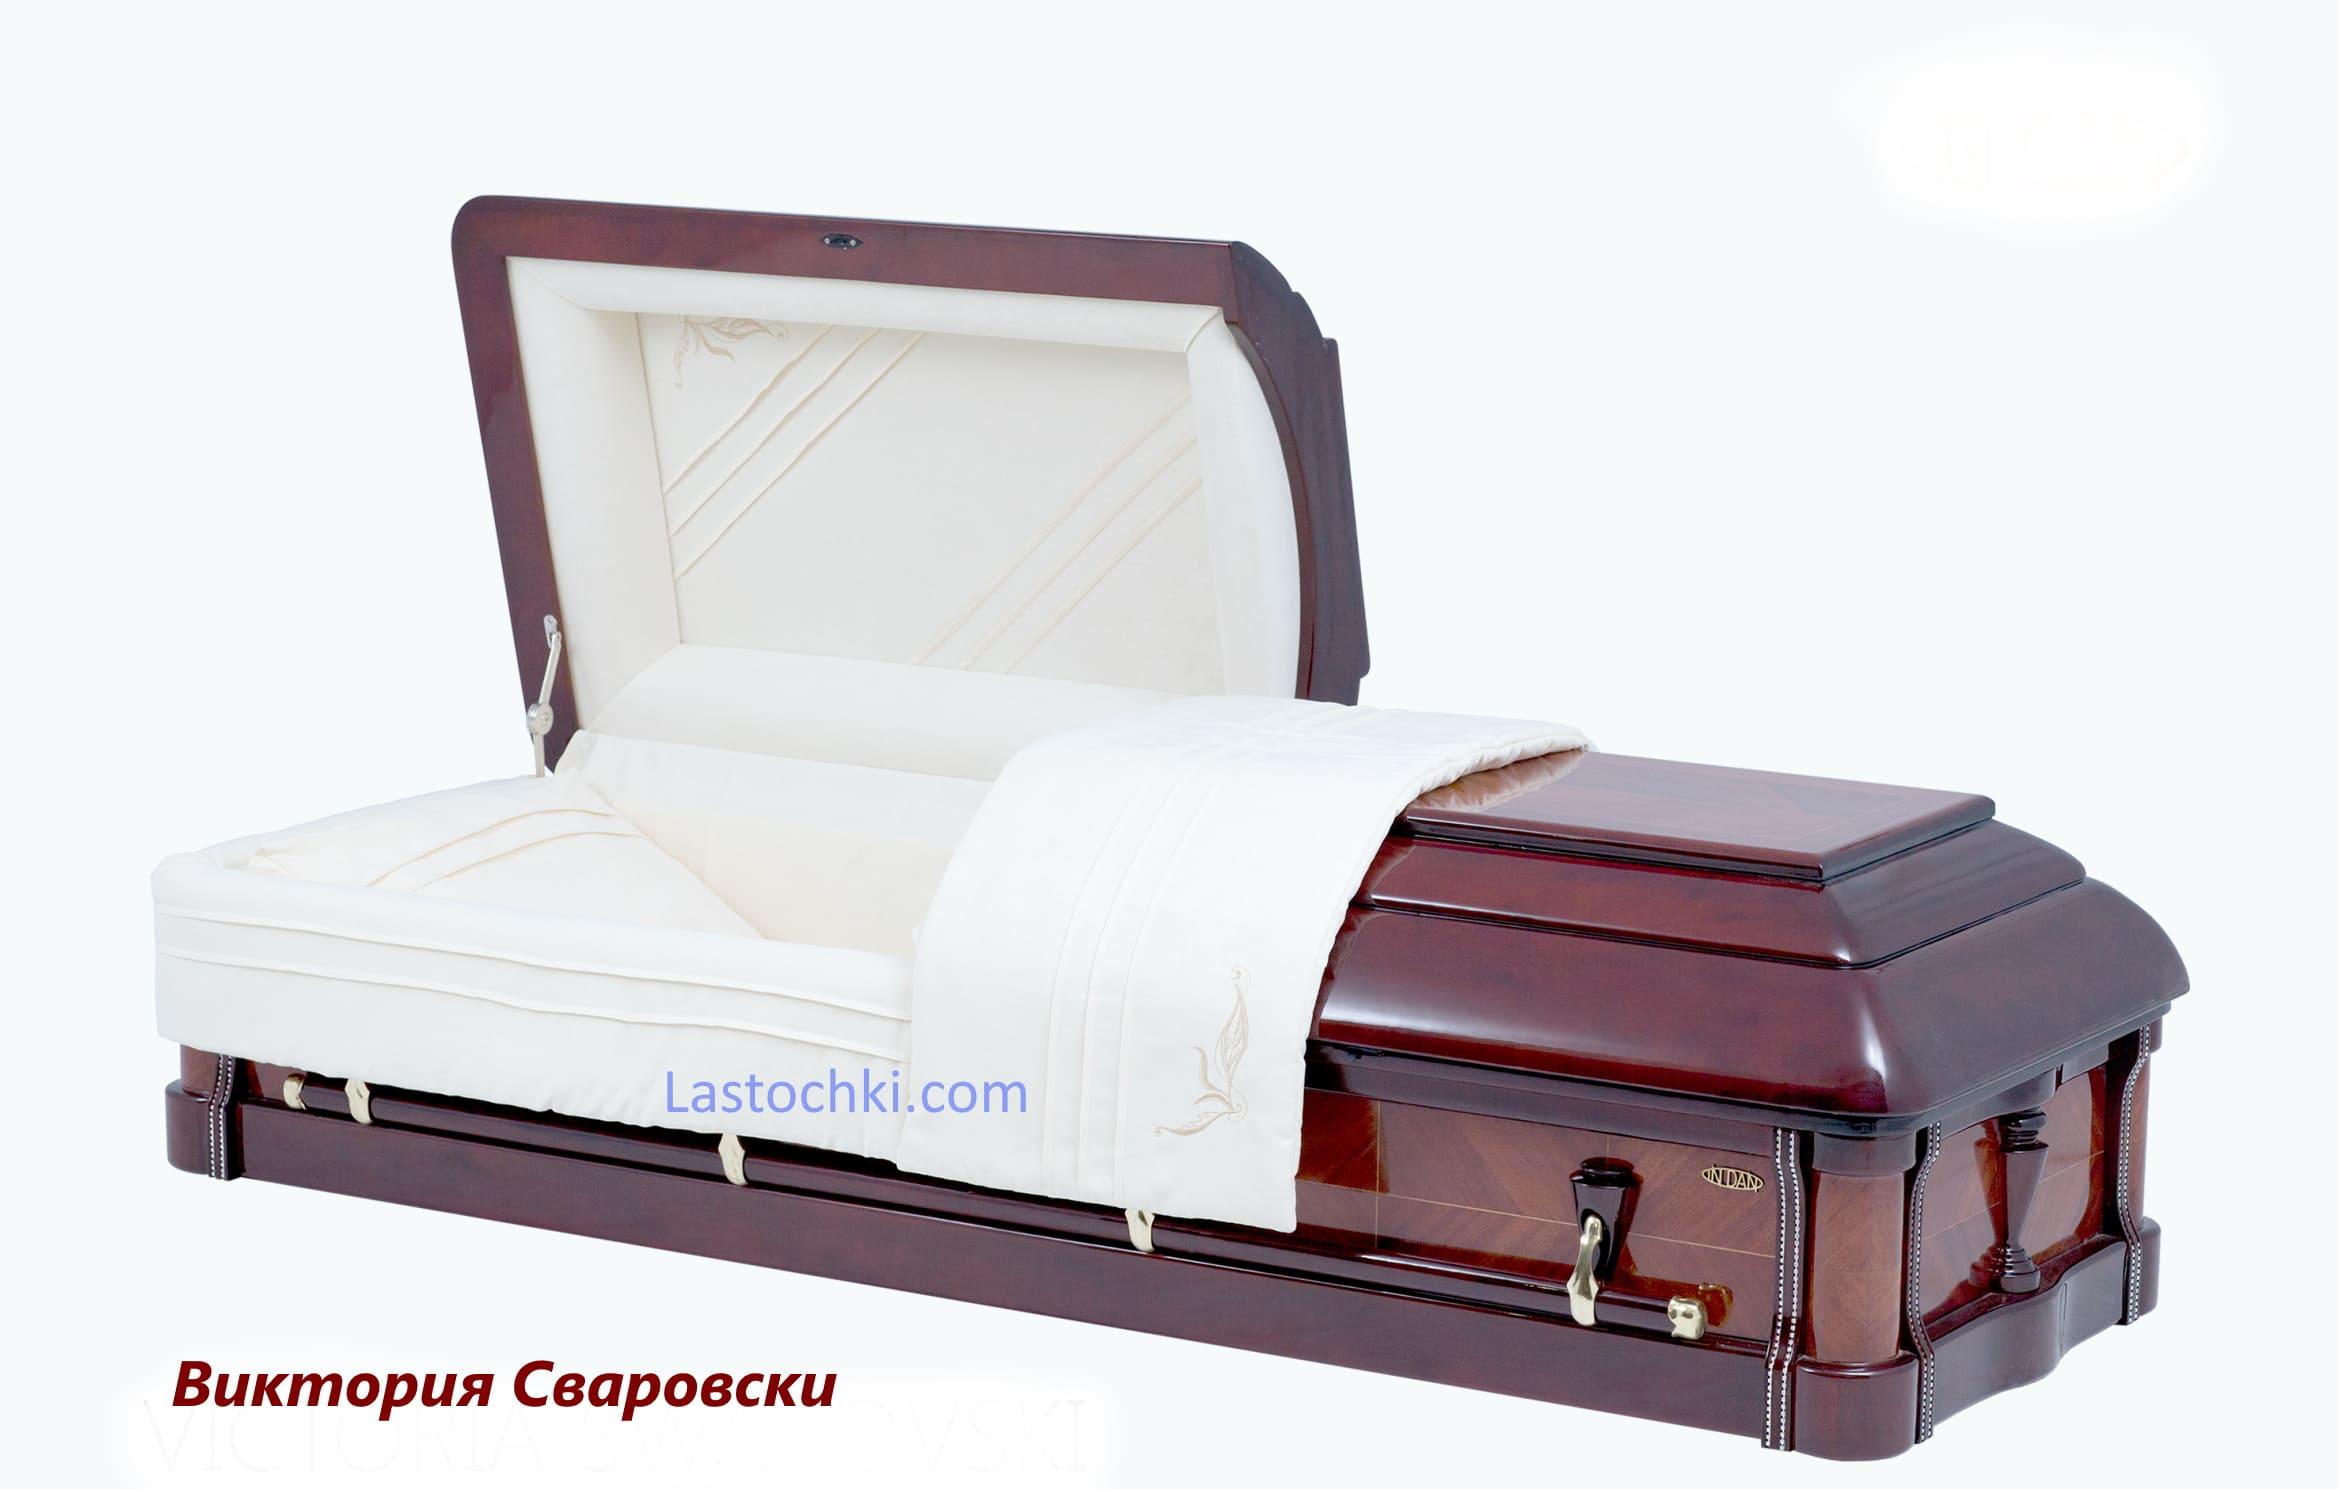 Саркофаг Виктория Swarvski  -  Цена 180 000 грн.